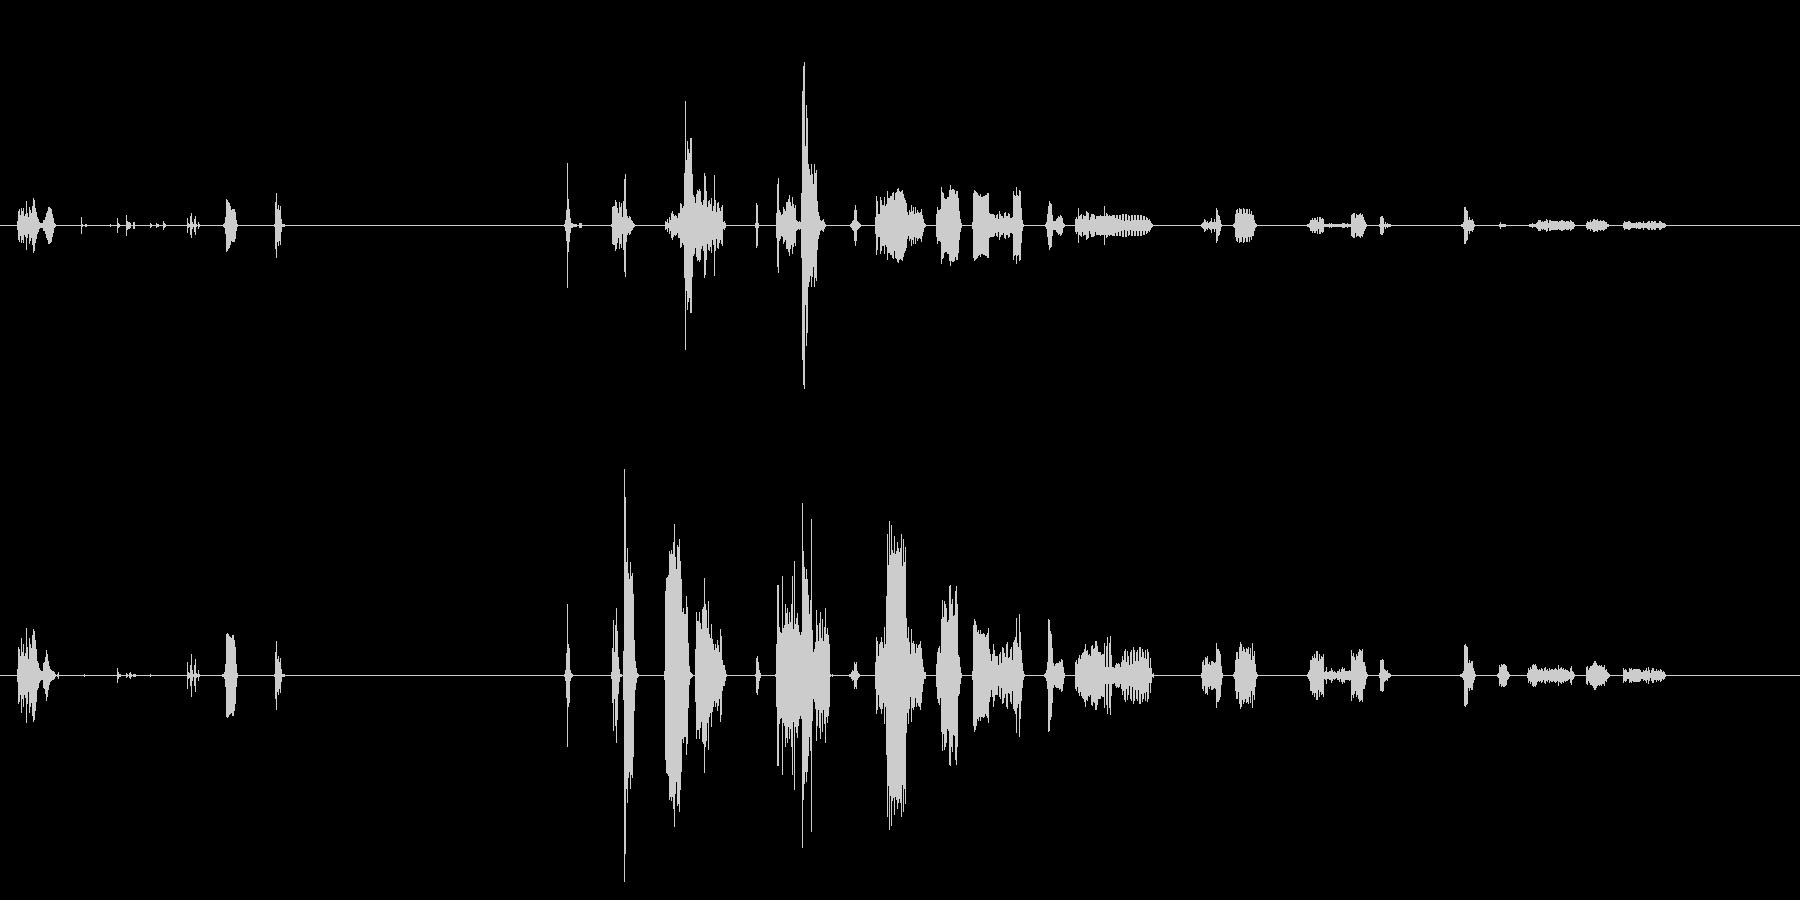 【SE 効果音】機会的なノイズの未再生の波形